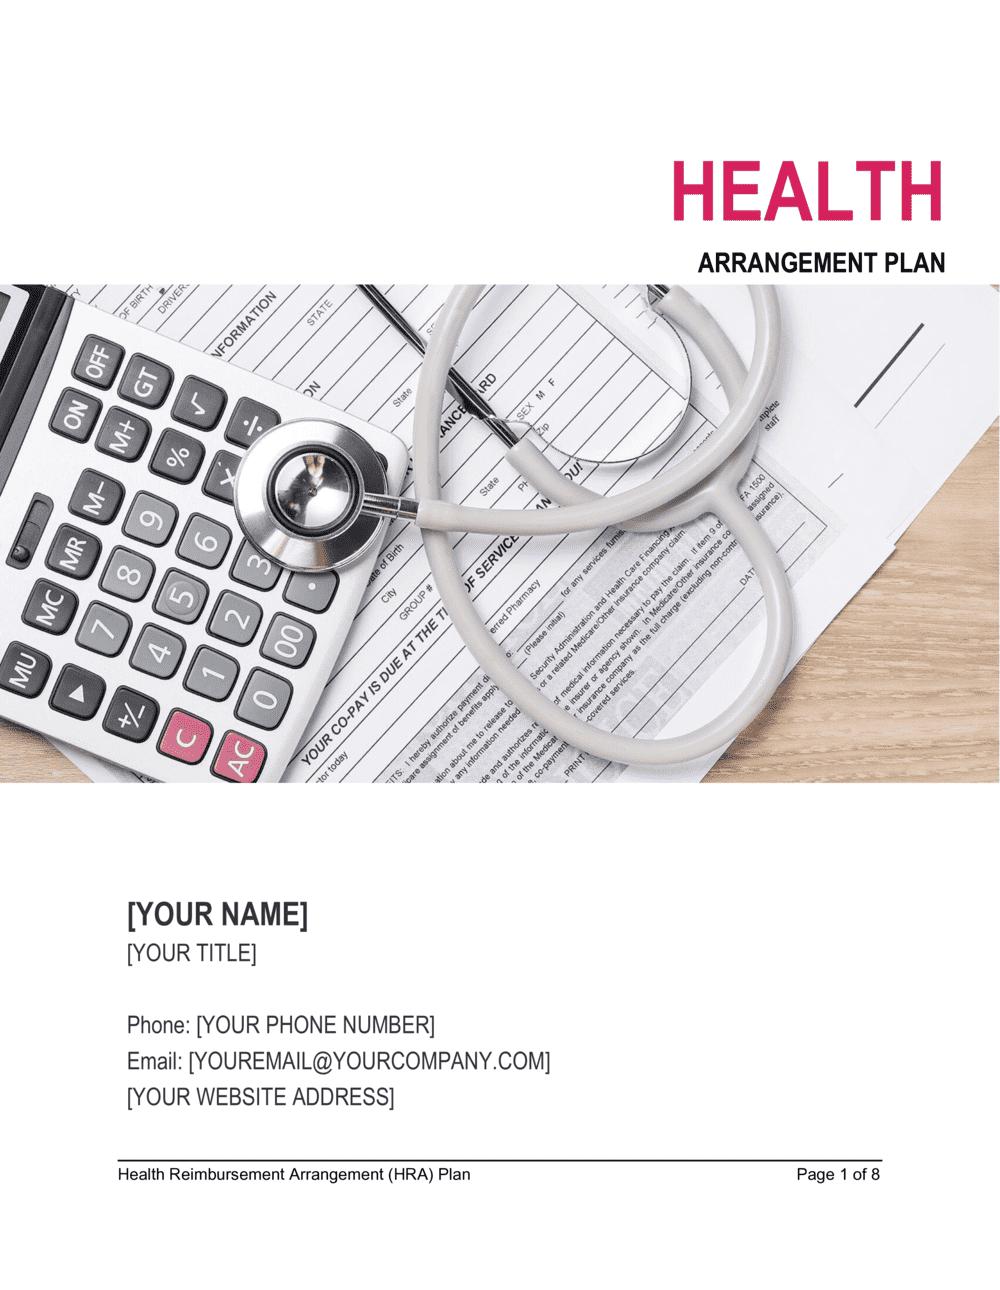 Business-in-a-Box's Health Reimbursement Arrangement Plan (HRA) Template